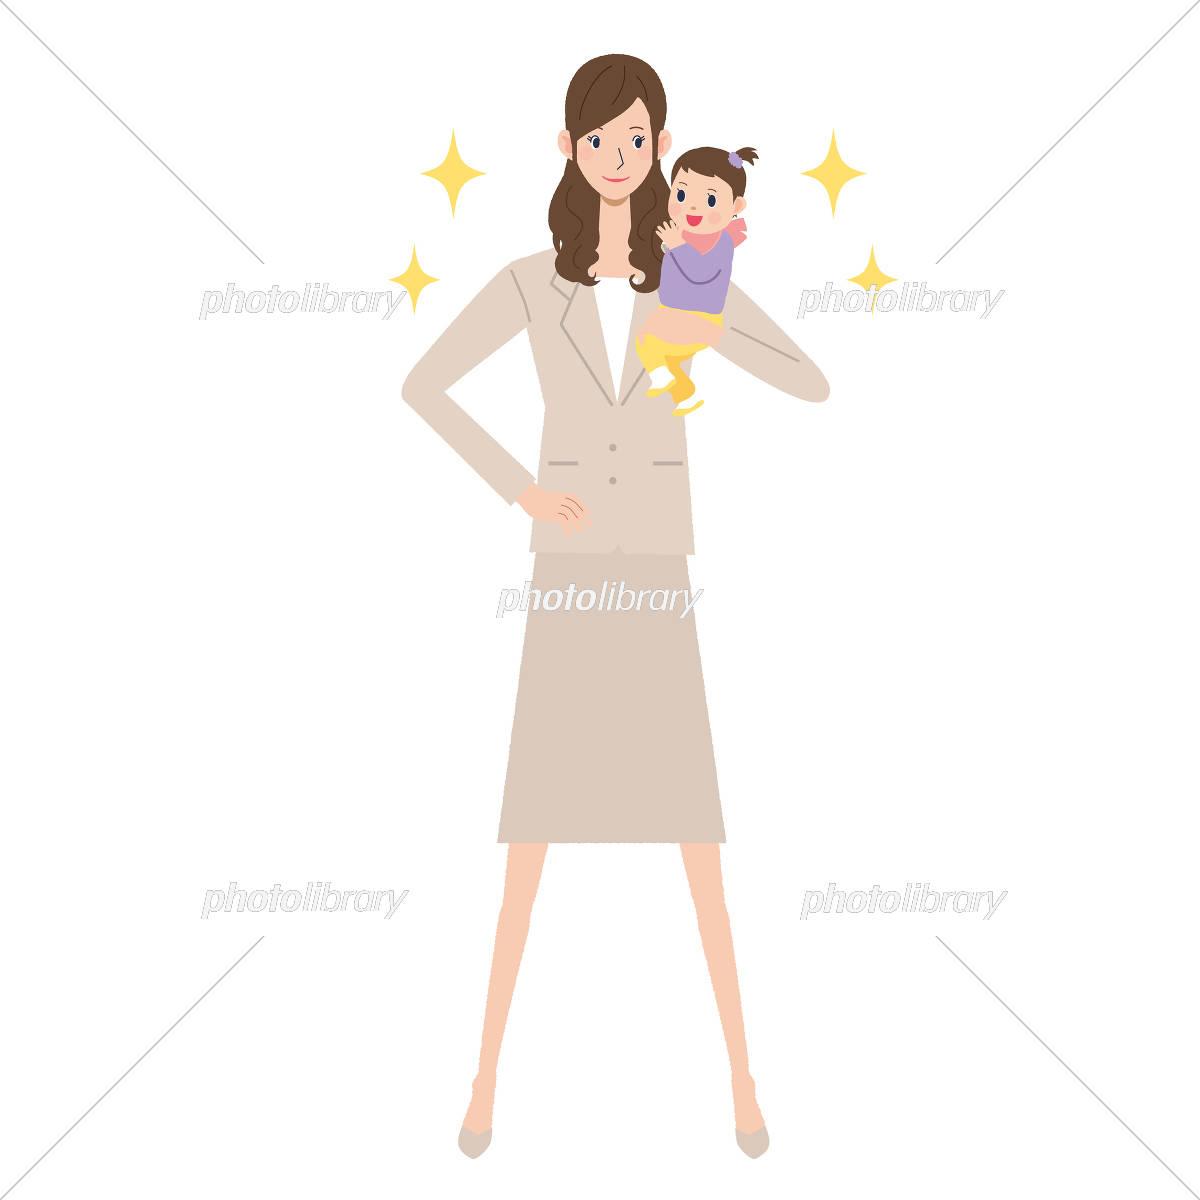 子育て 働く 女性 イラスト素材 4562663 フォトライブラリー